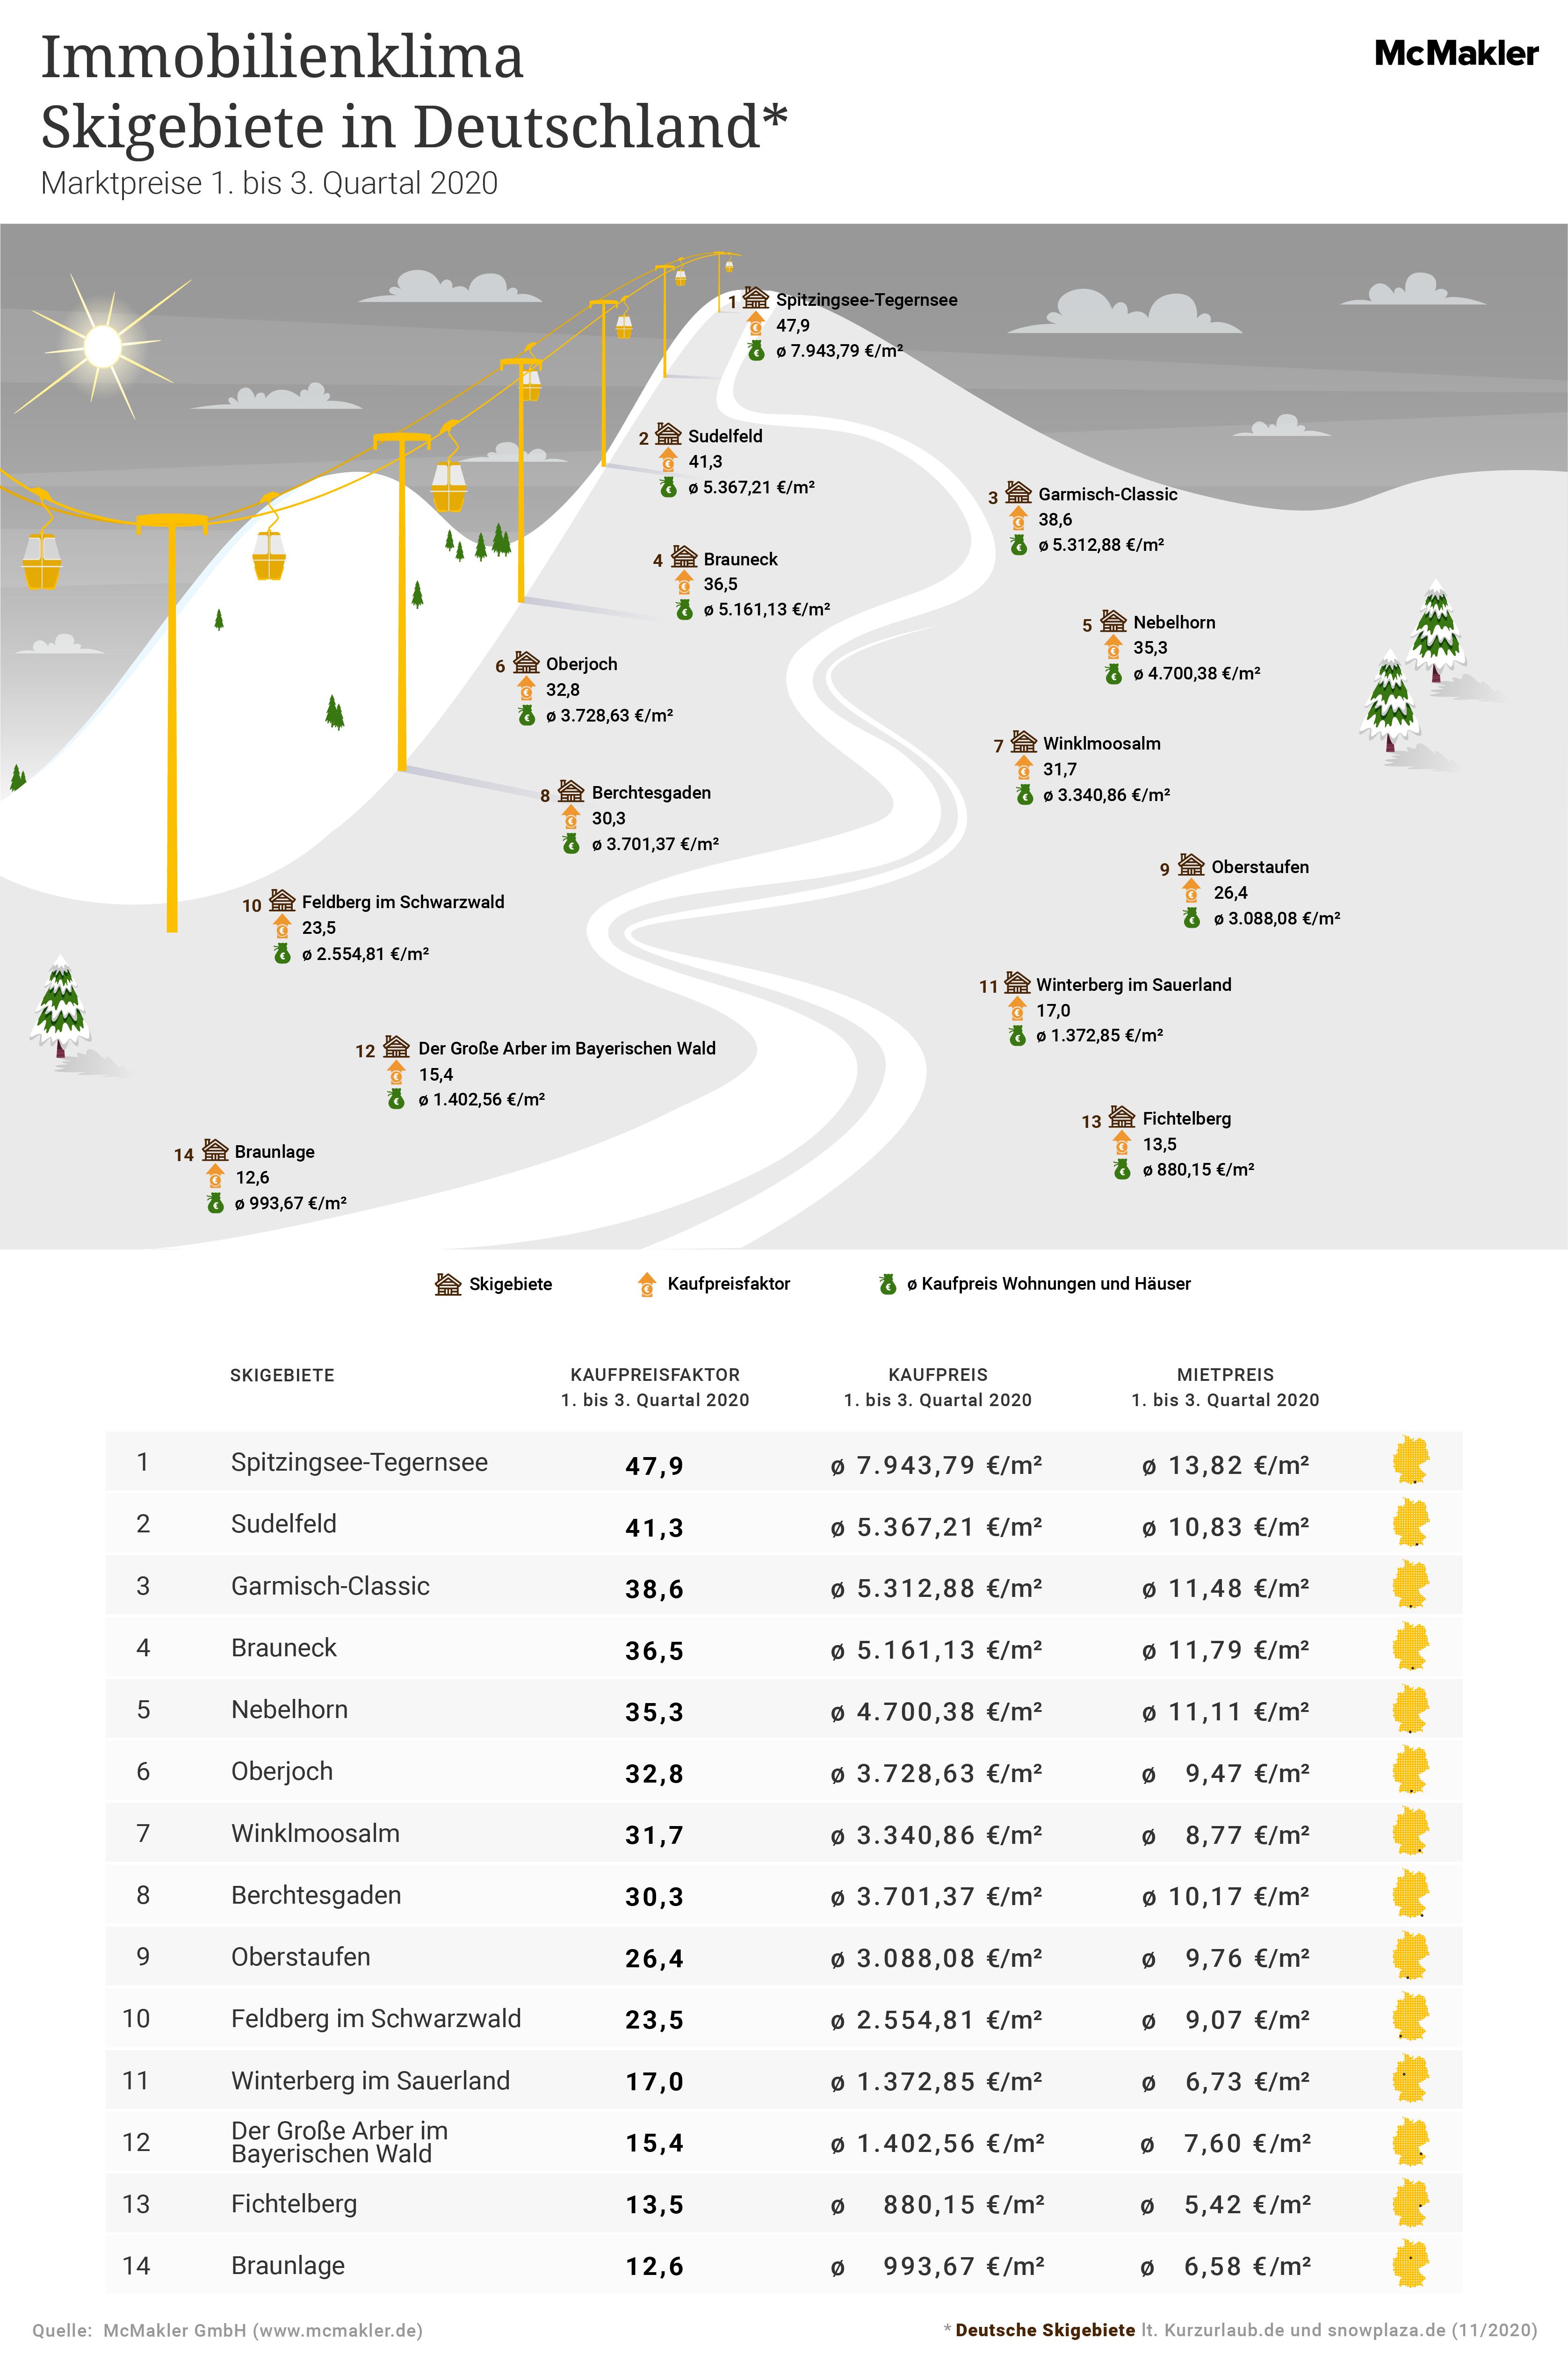 McMakler-Analyse Skigebiete Deutschland